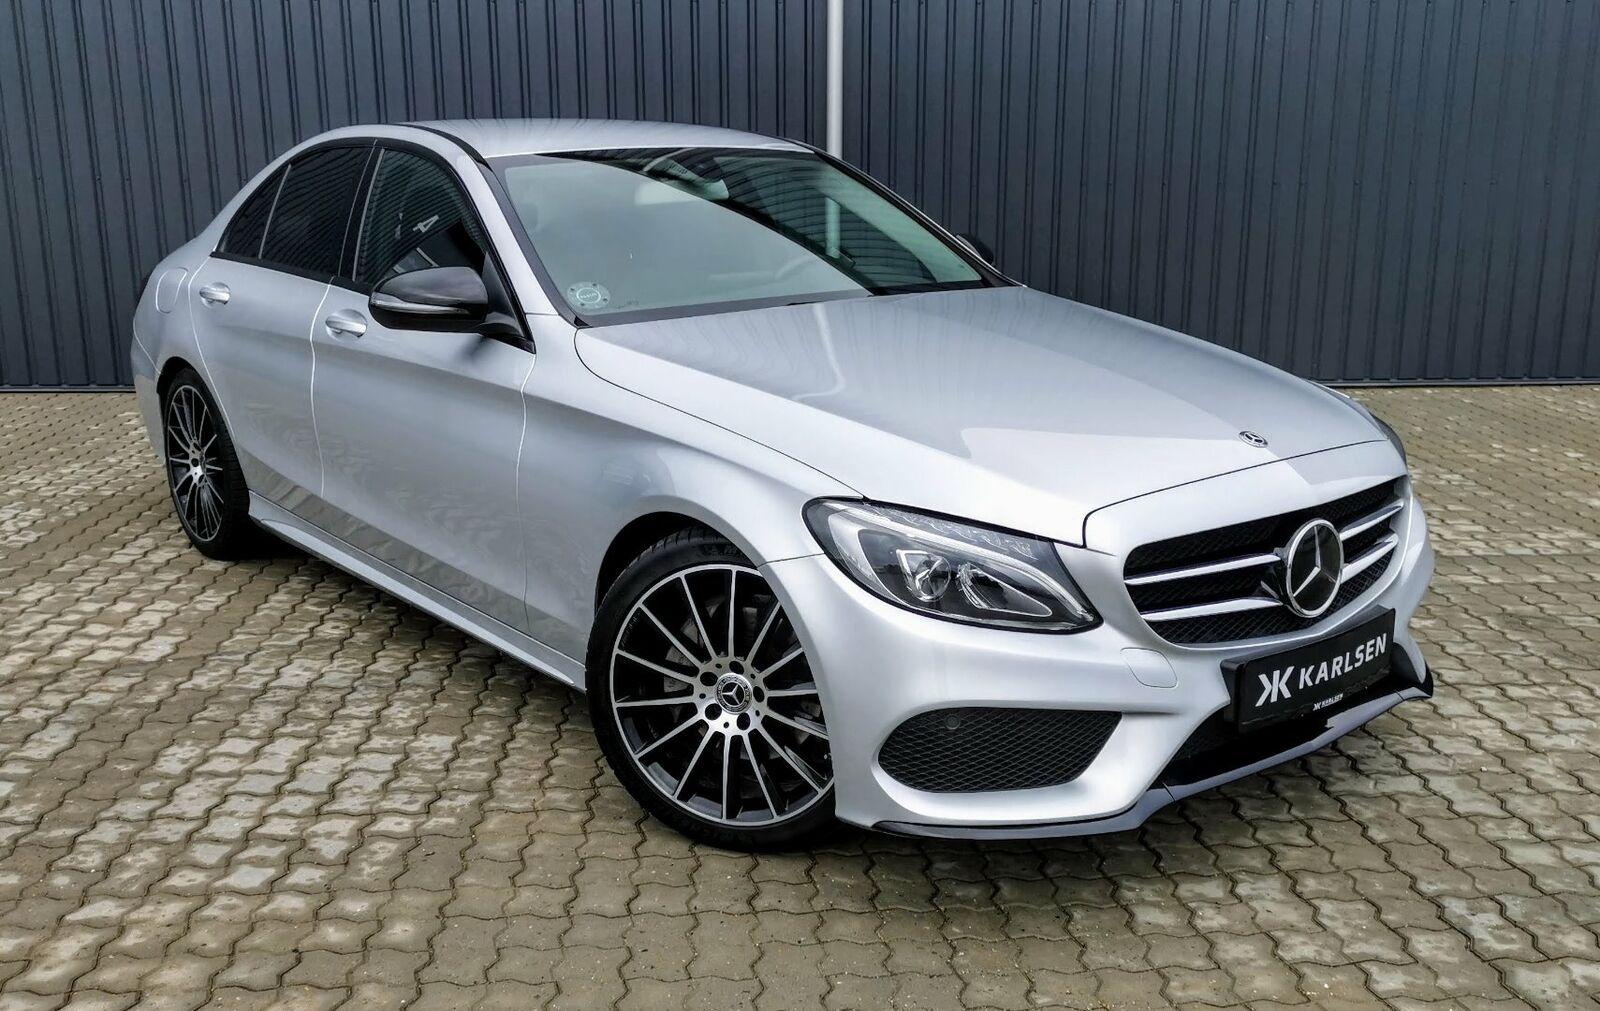 Mercedes C220 d 2,2 AMG Line aut. 4d - 379.900 kr.